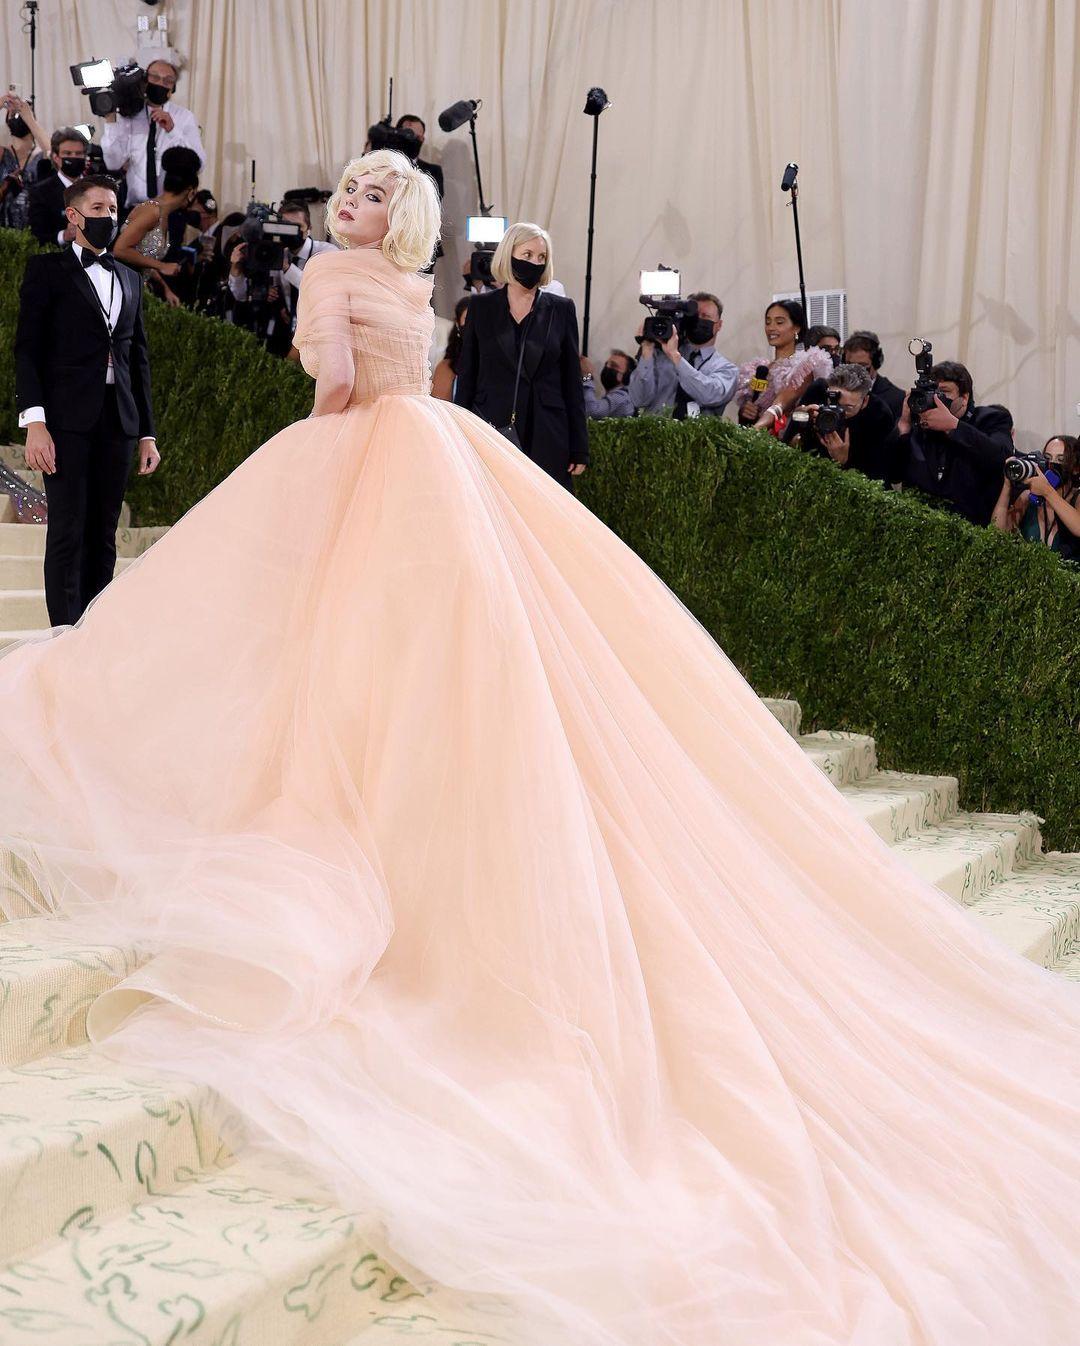 Билли Айлиш надела пышное платье и стала похожа на Мэрилин Монро